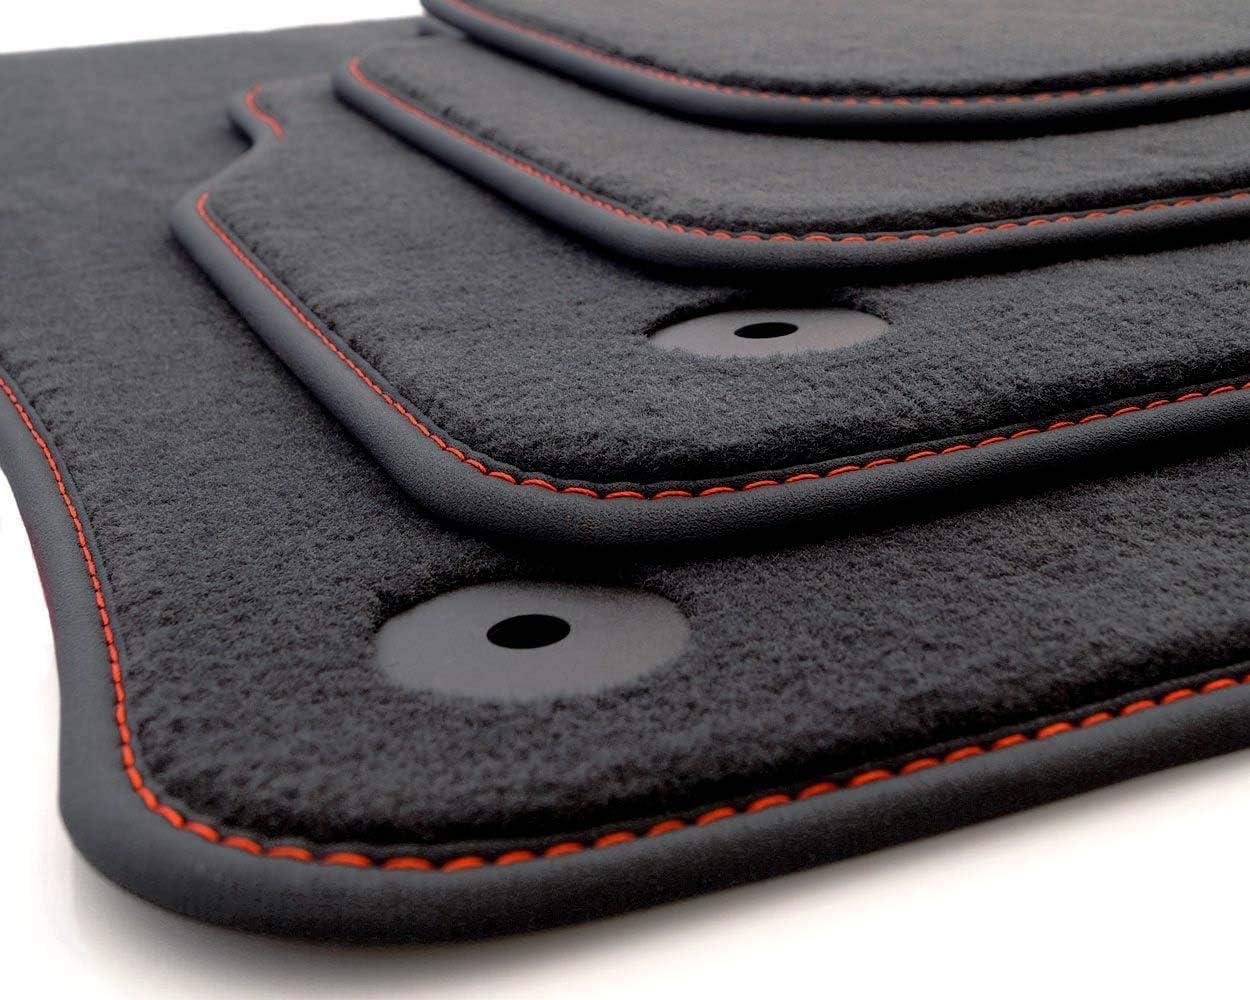 Kh Teile Fußmatten Velours Passend Für Q3 F3 Premium Qualität Autoteppich Anthrazit 4 Teilig Nubuk Schwarz Mit Ziernaht Rot Auto